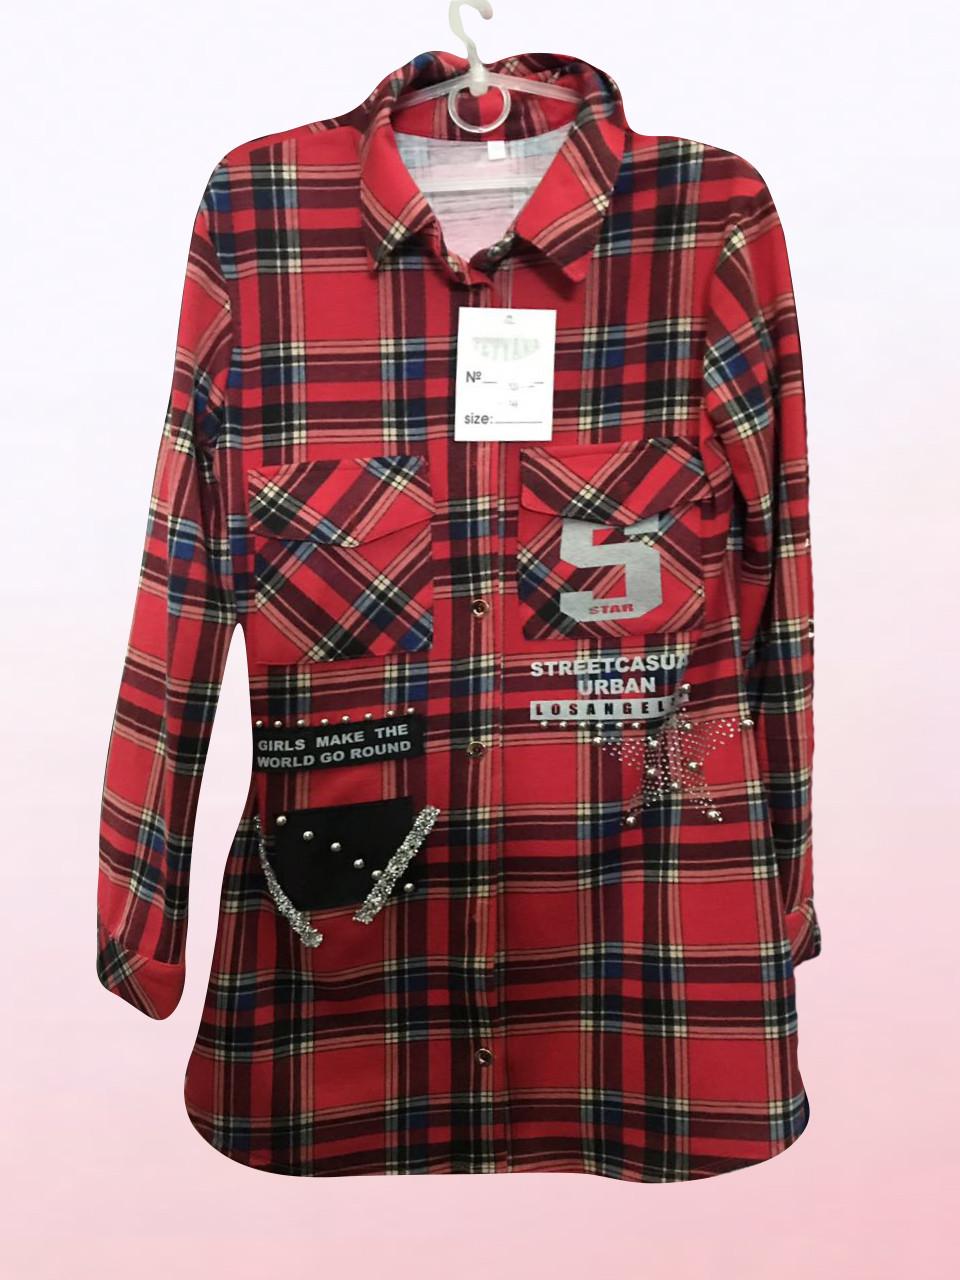 765fb6d471e1 Купить Рубашка удлиненная для девочки подростка 0902/13: по ...